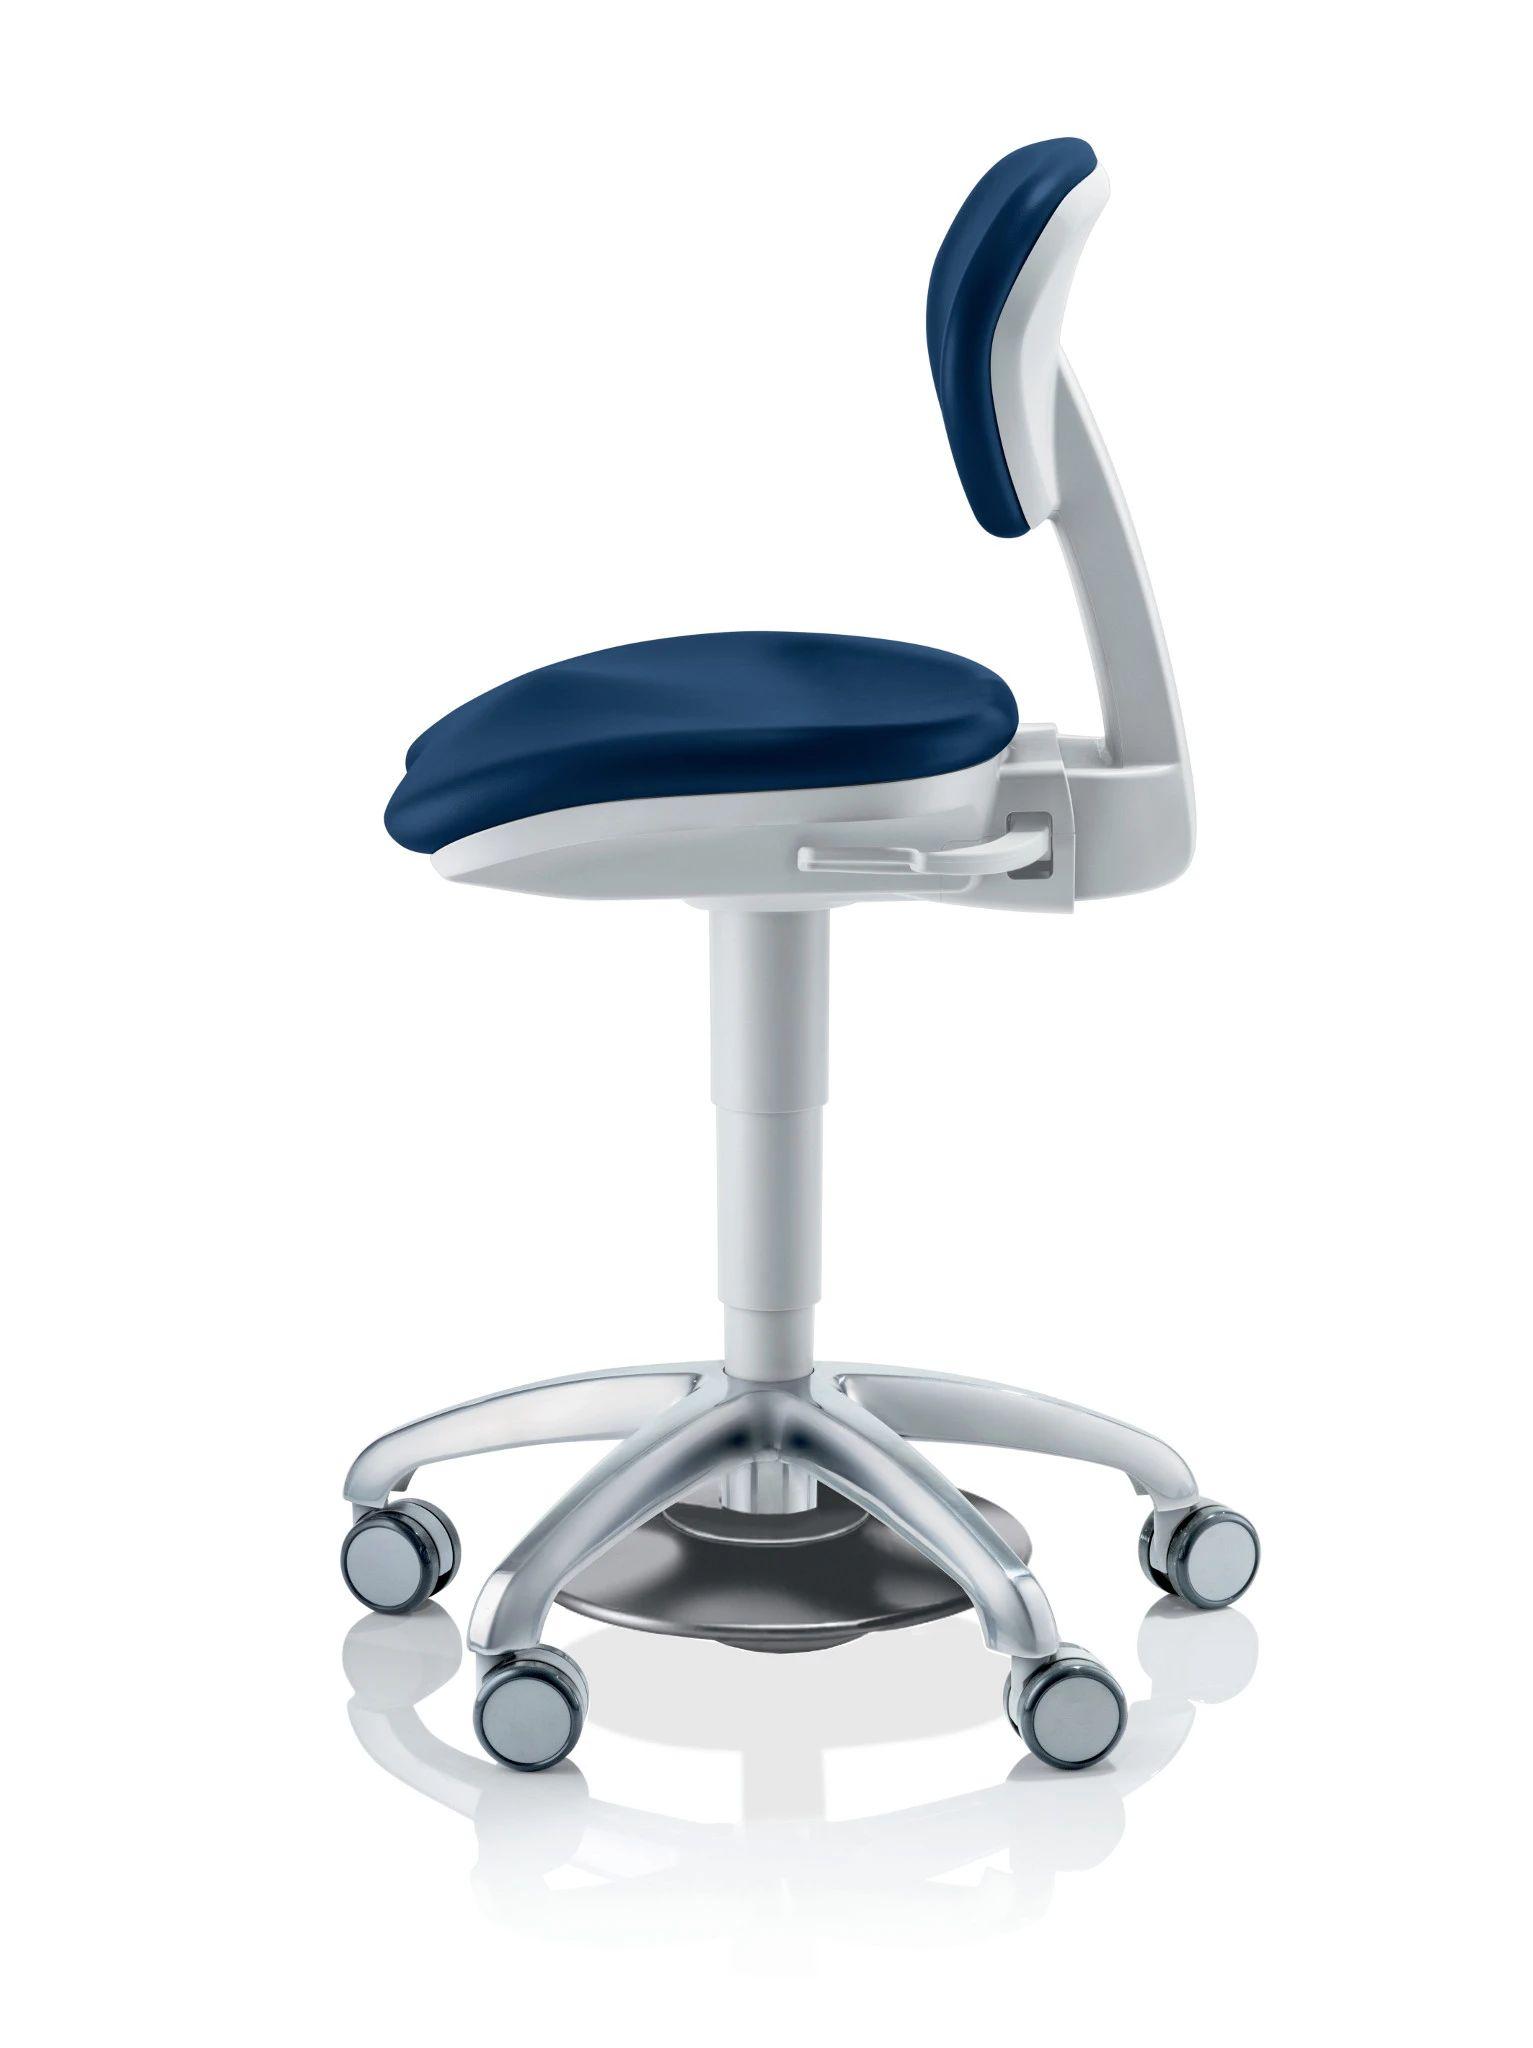 Physio ️ Evo Evo F Dieser Arbeitsstuhl Sitzt Ergonomie